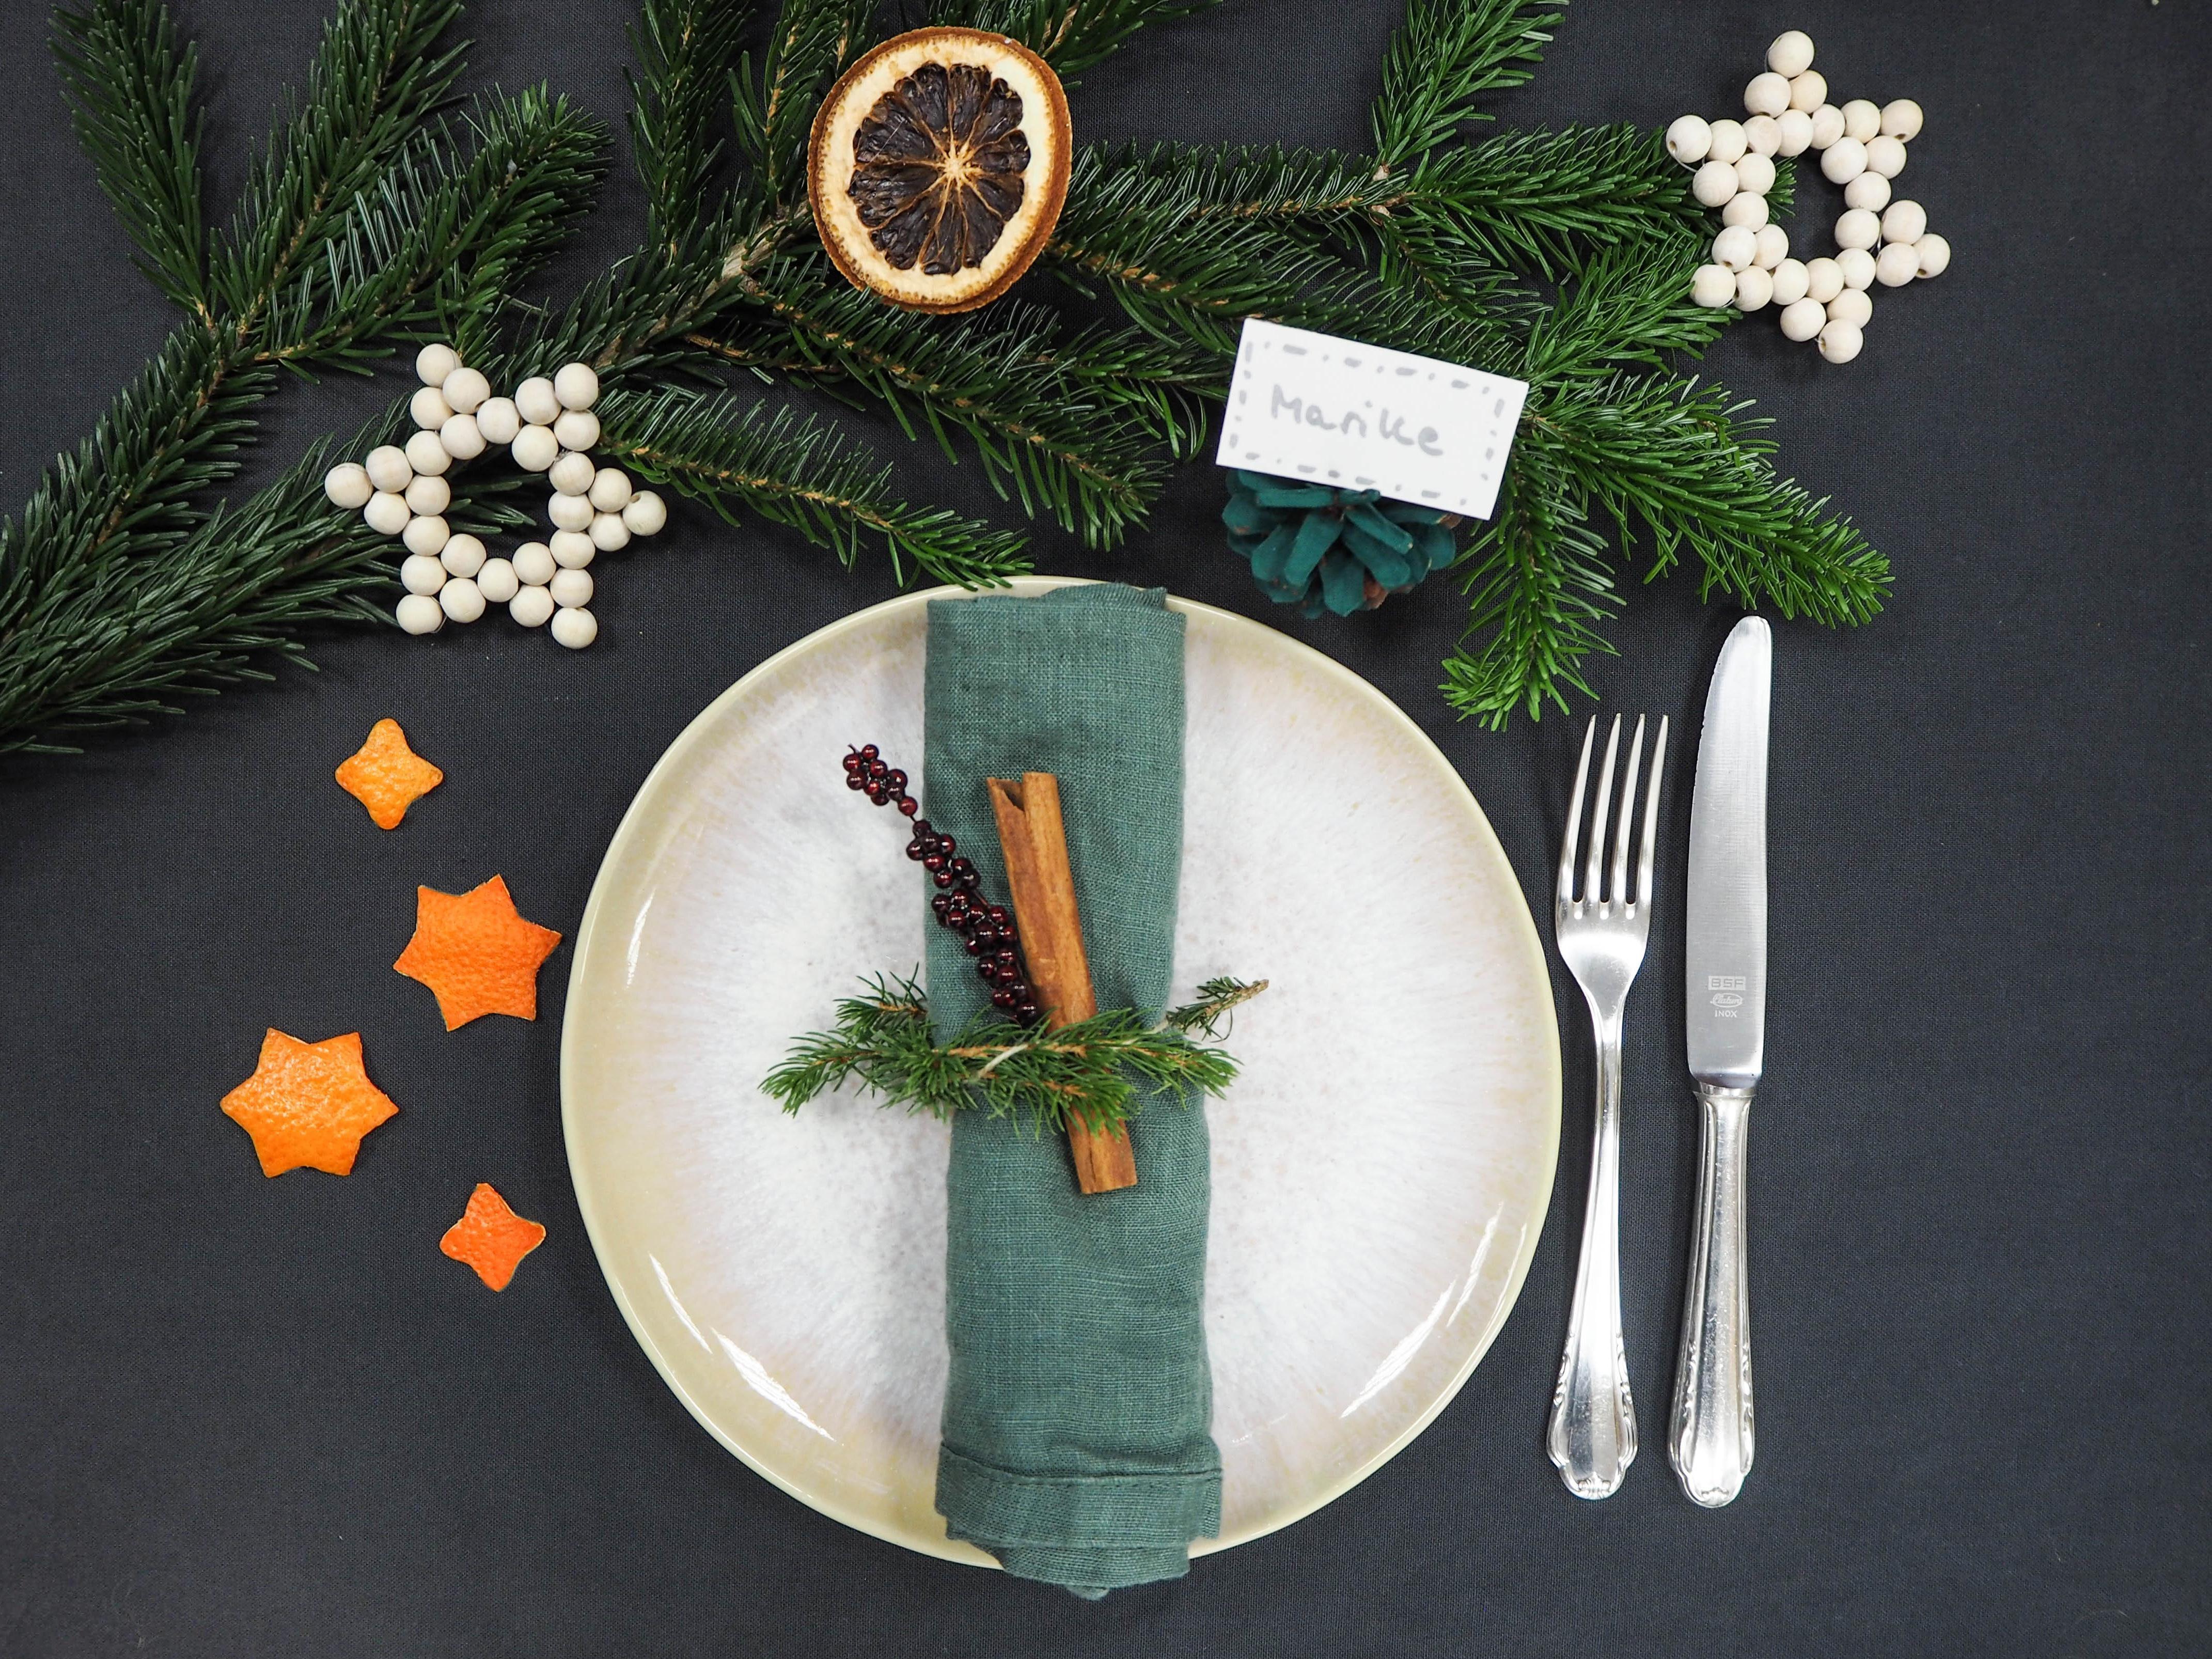 Ideen Weihnachten.Tischdeko Zu Weihnachten Lass Dich Inspirieren